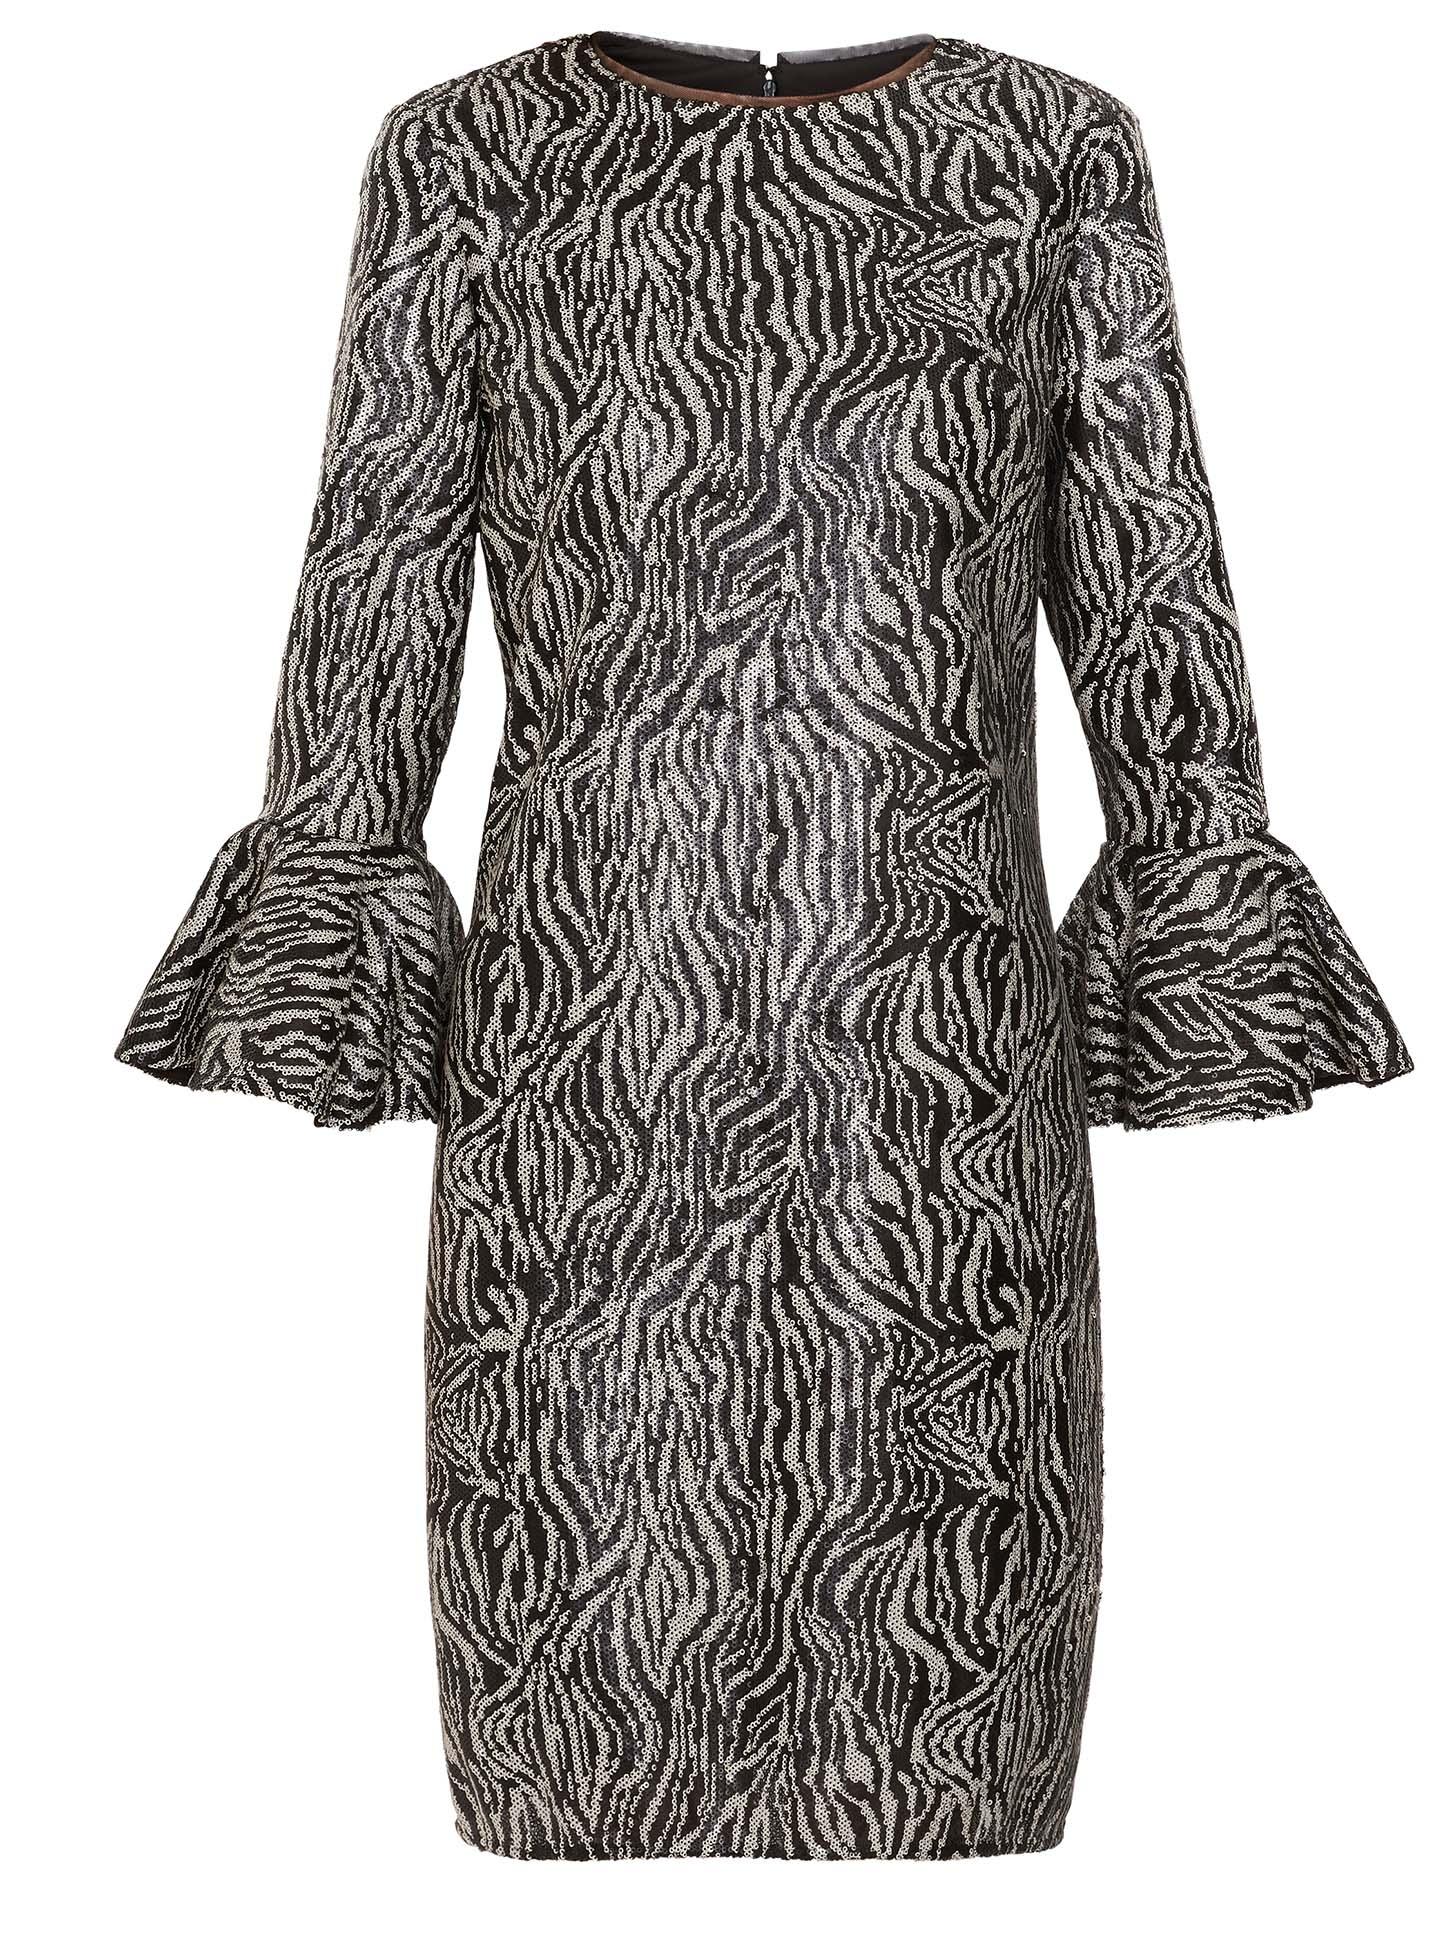 Edrie Zebra Sequin Dress